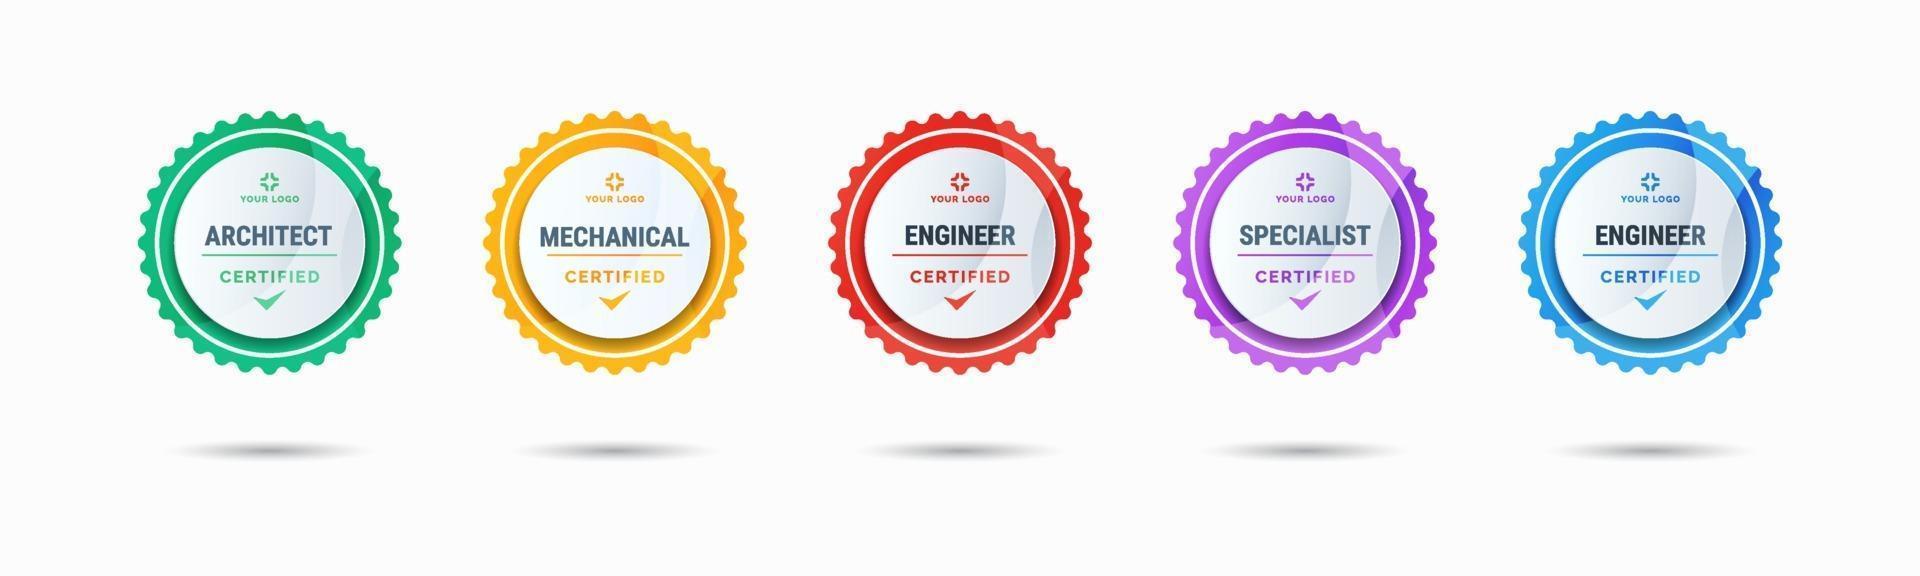 gecertificeerd badge-logo-ontwerp voor badge-certificaten voor bedrijfstraining om te bepalen op basis van criteria. set bundel certificeren kleurrijke vectorillustratie. vector